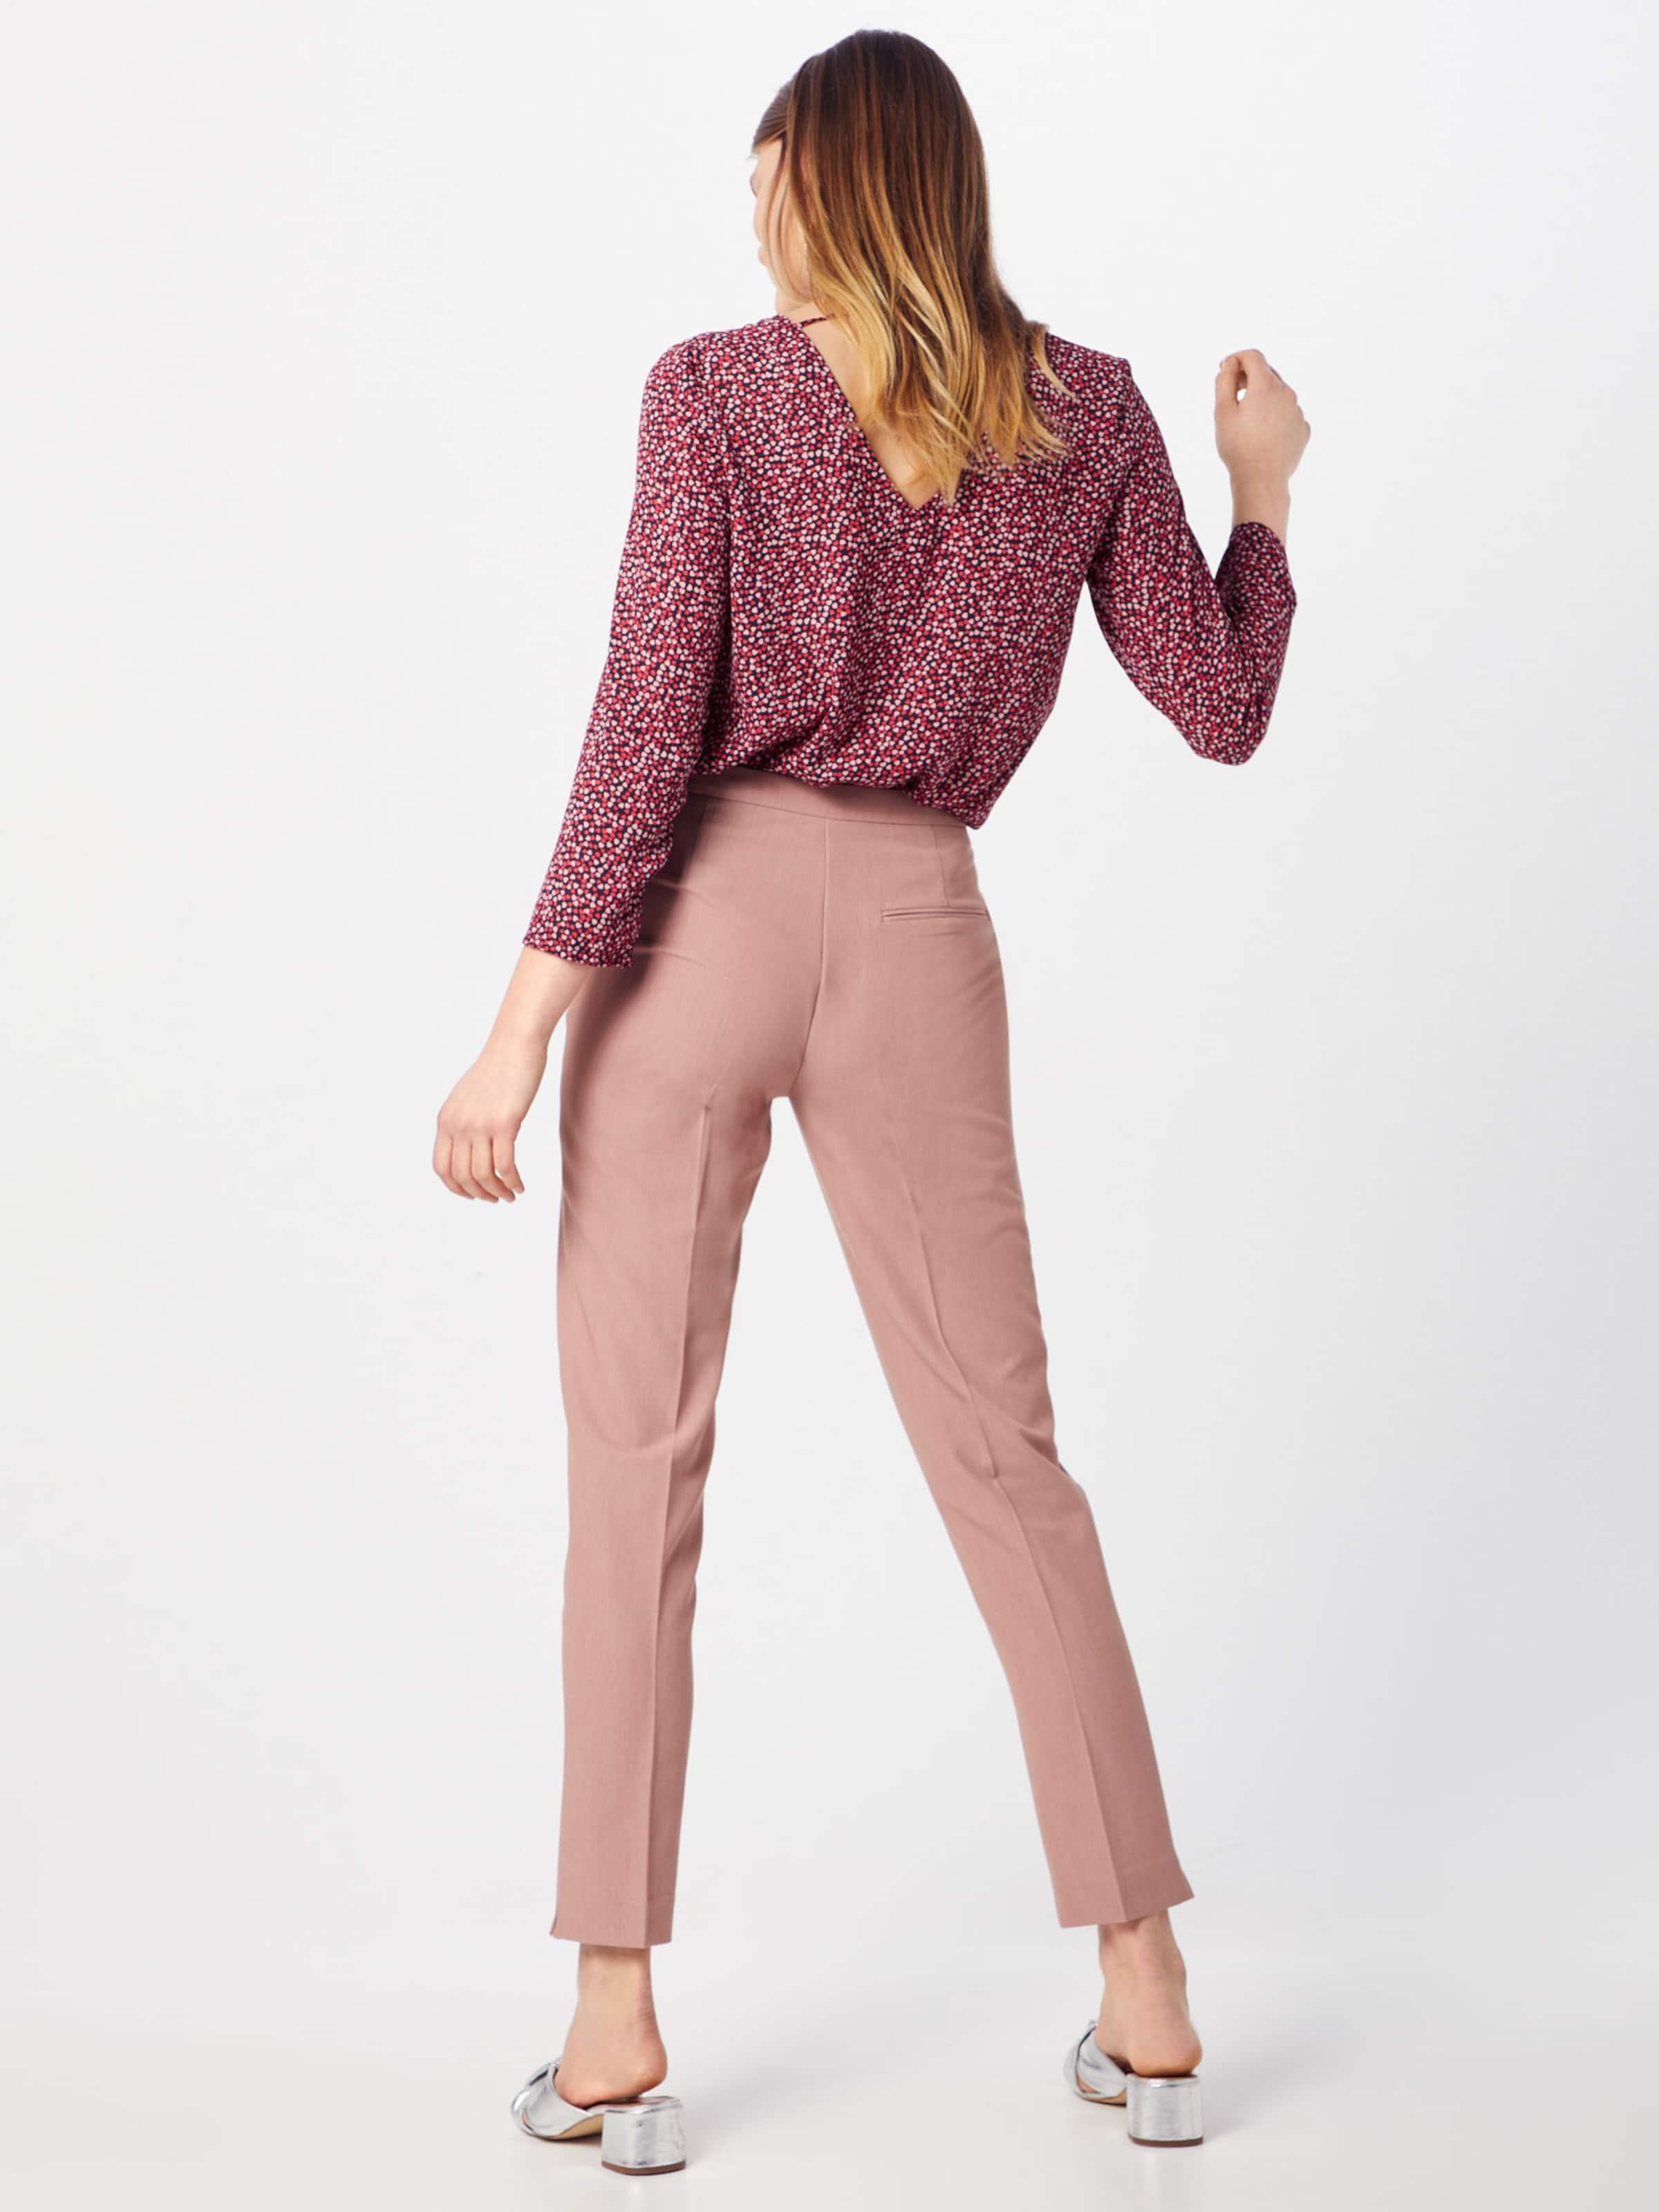 Rosé 'felice' Pieces Pieces Pantalon Pantalon In tQxrhBsdC